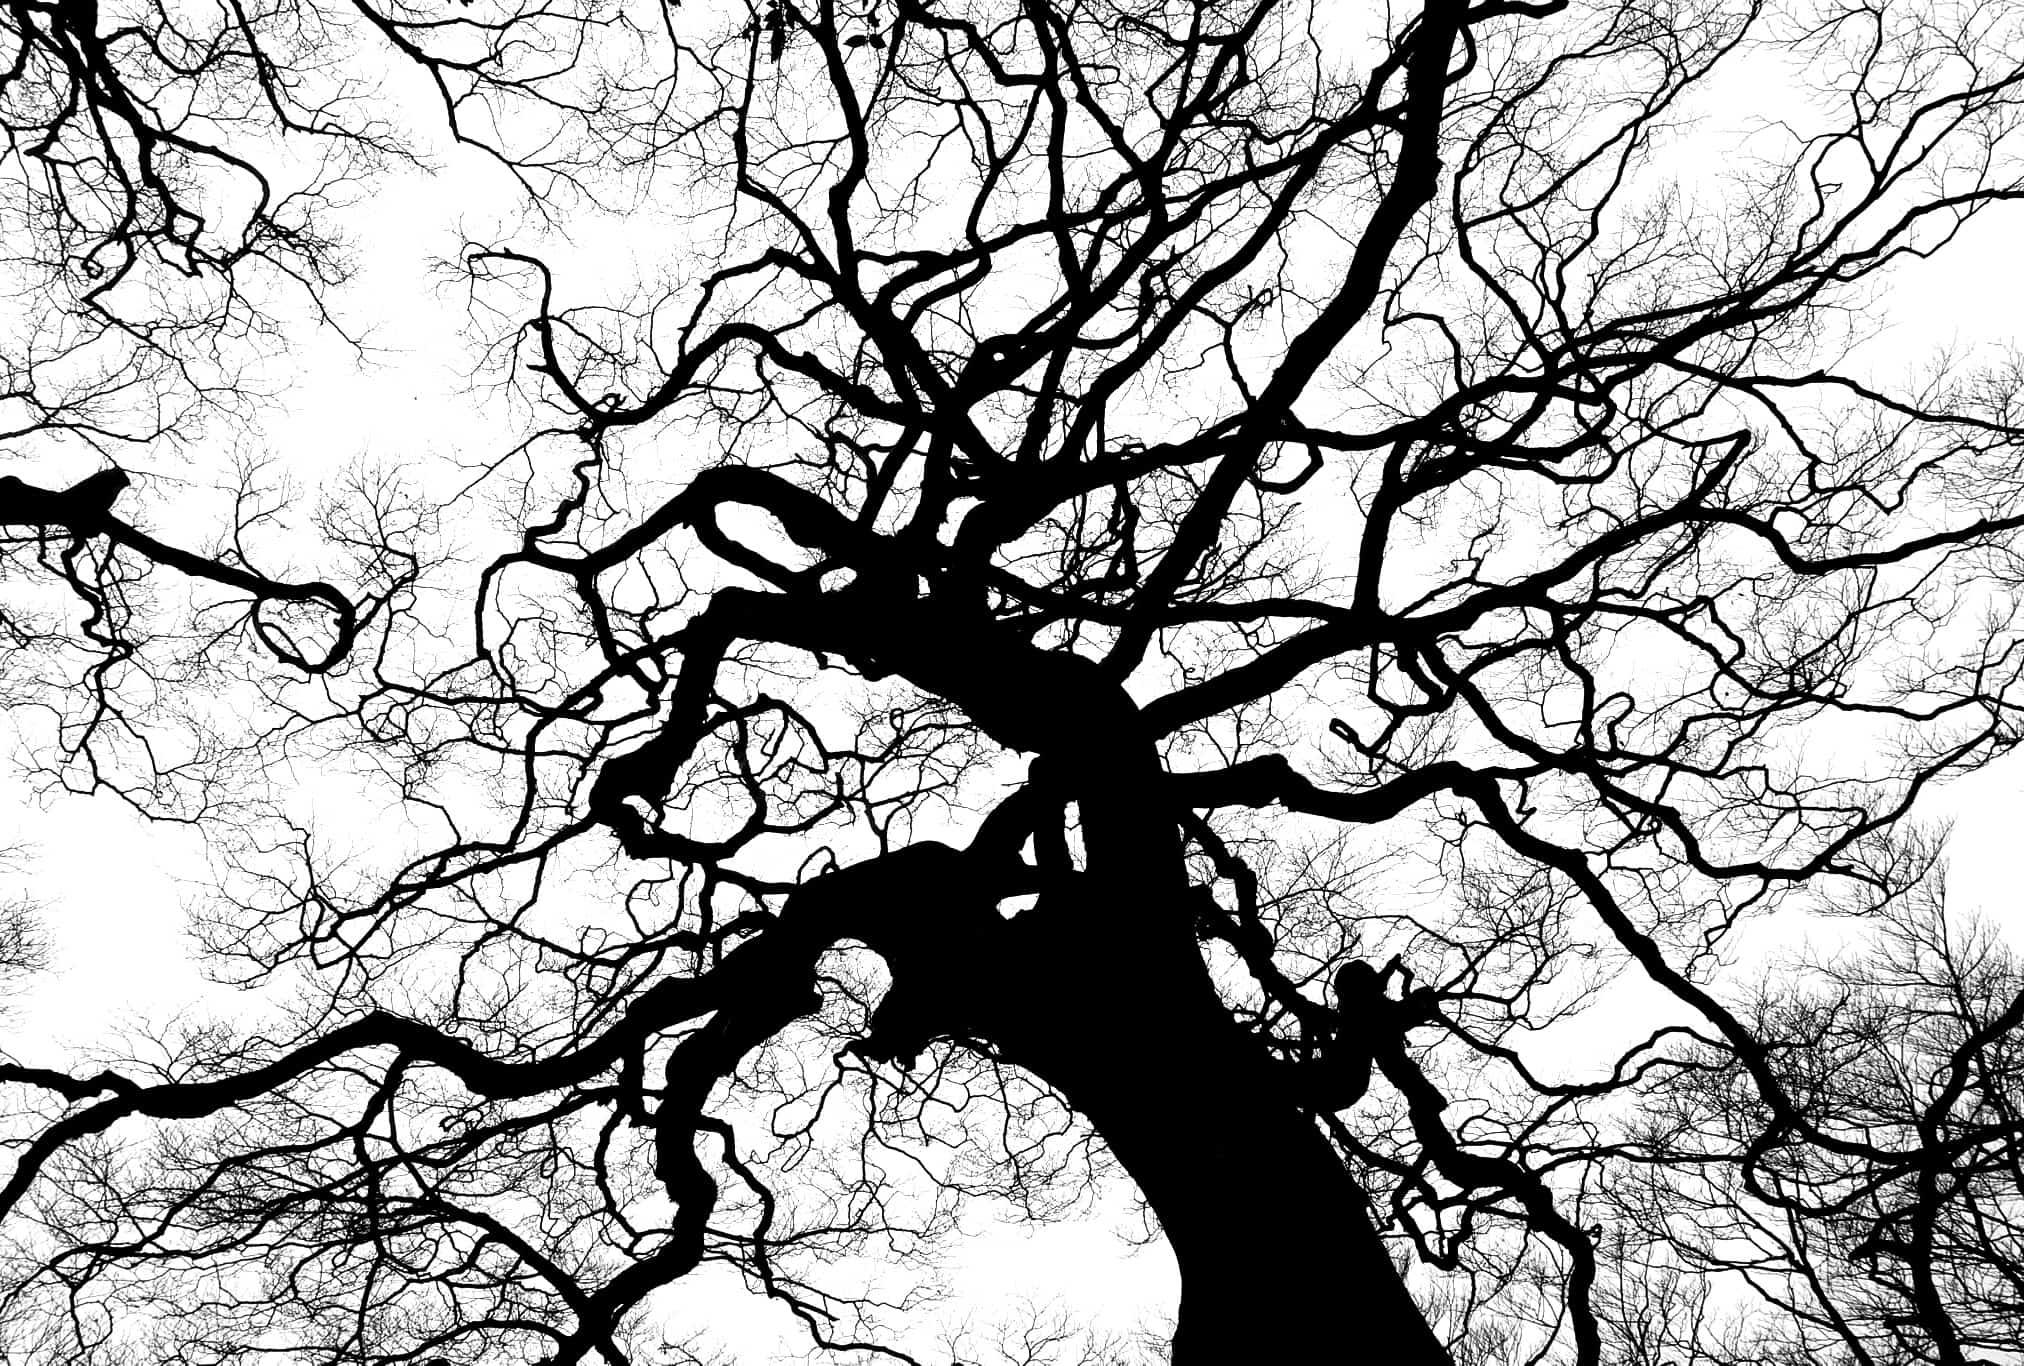 immagine monocromatica, guida definitiva al bianco e nero